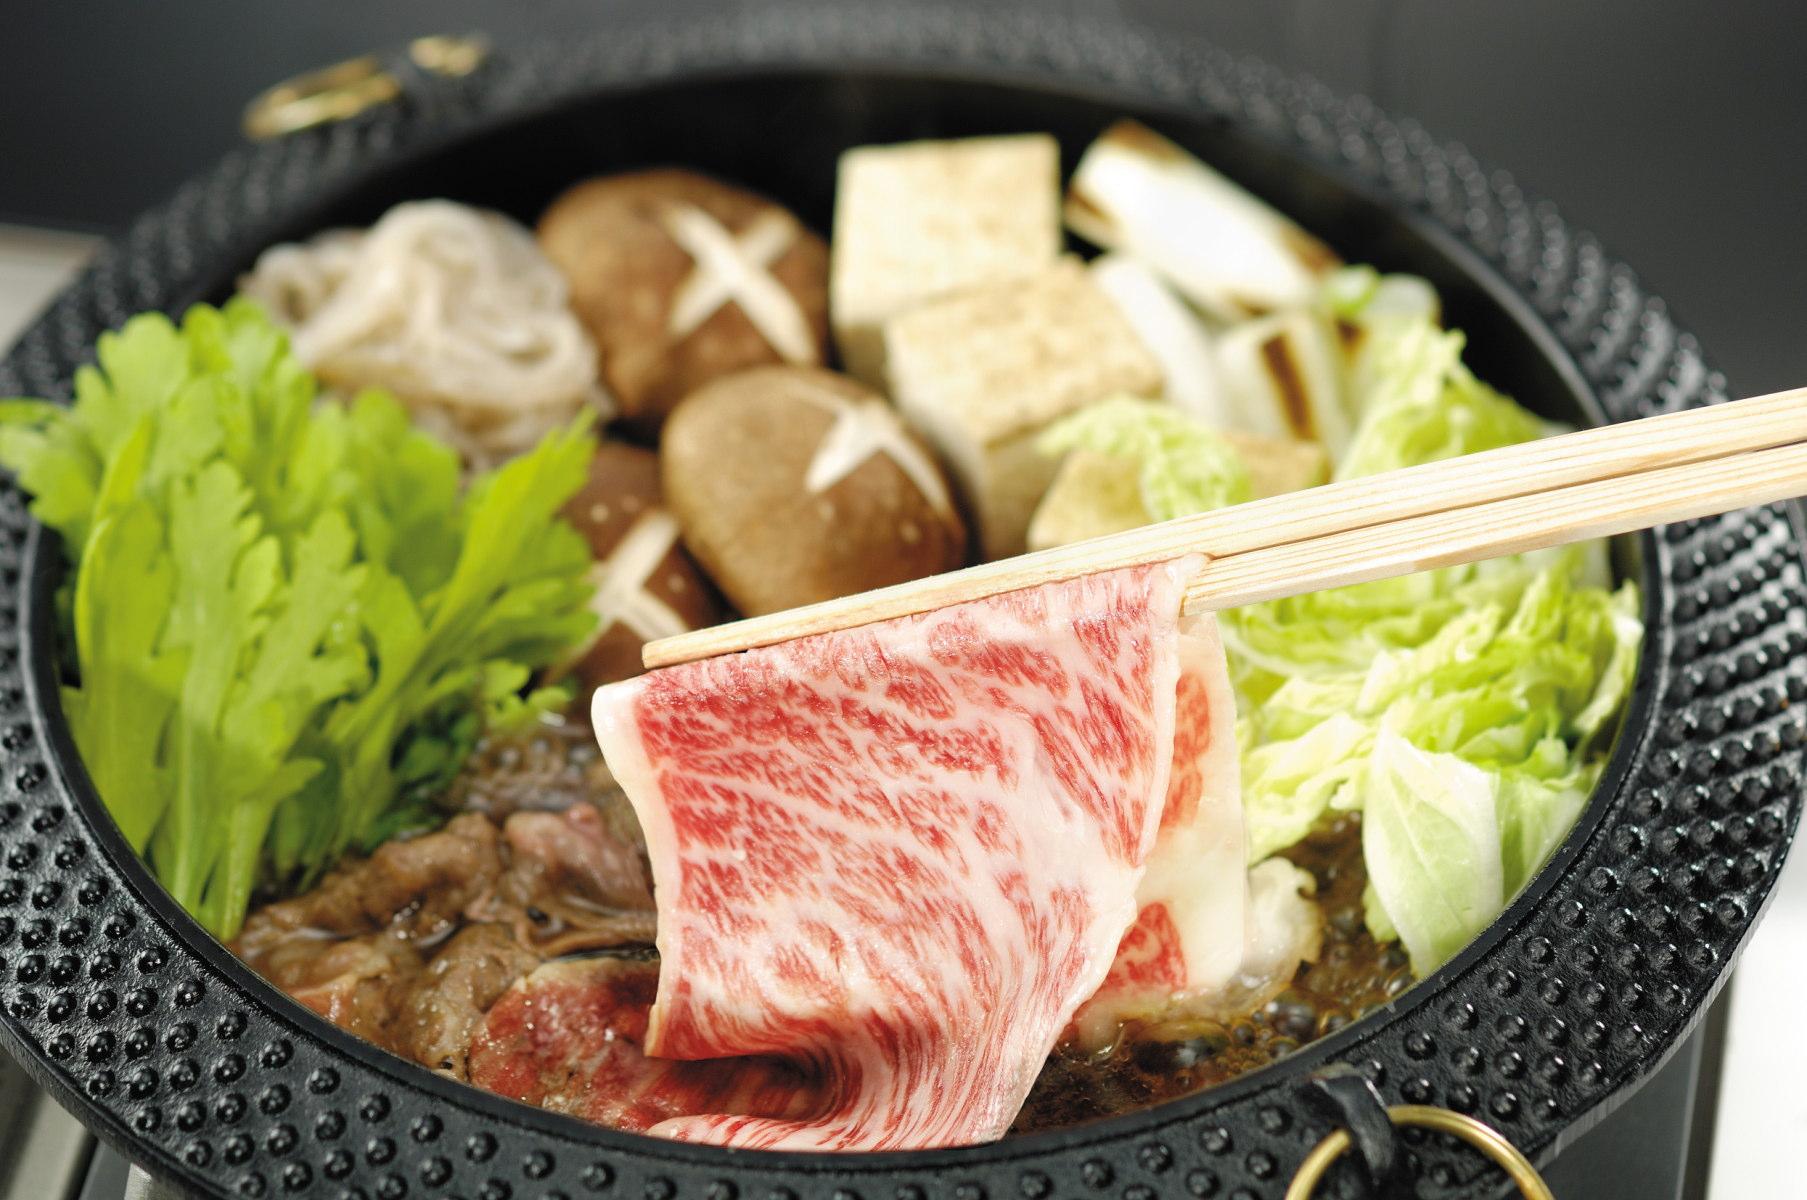 食肉卸向け販売管理システム